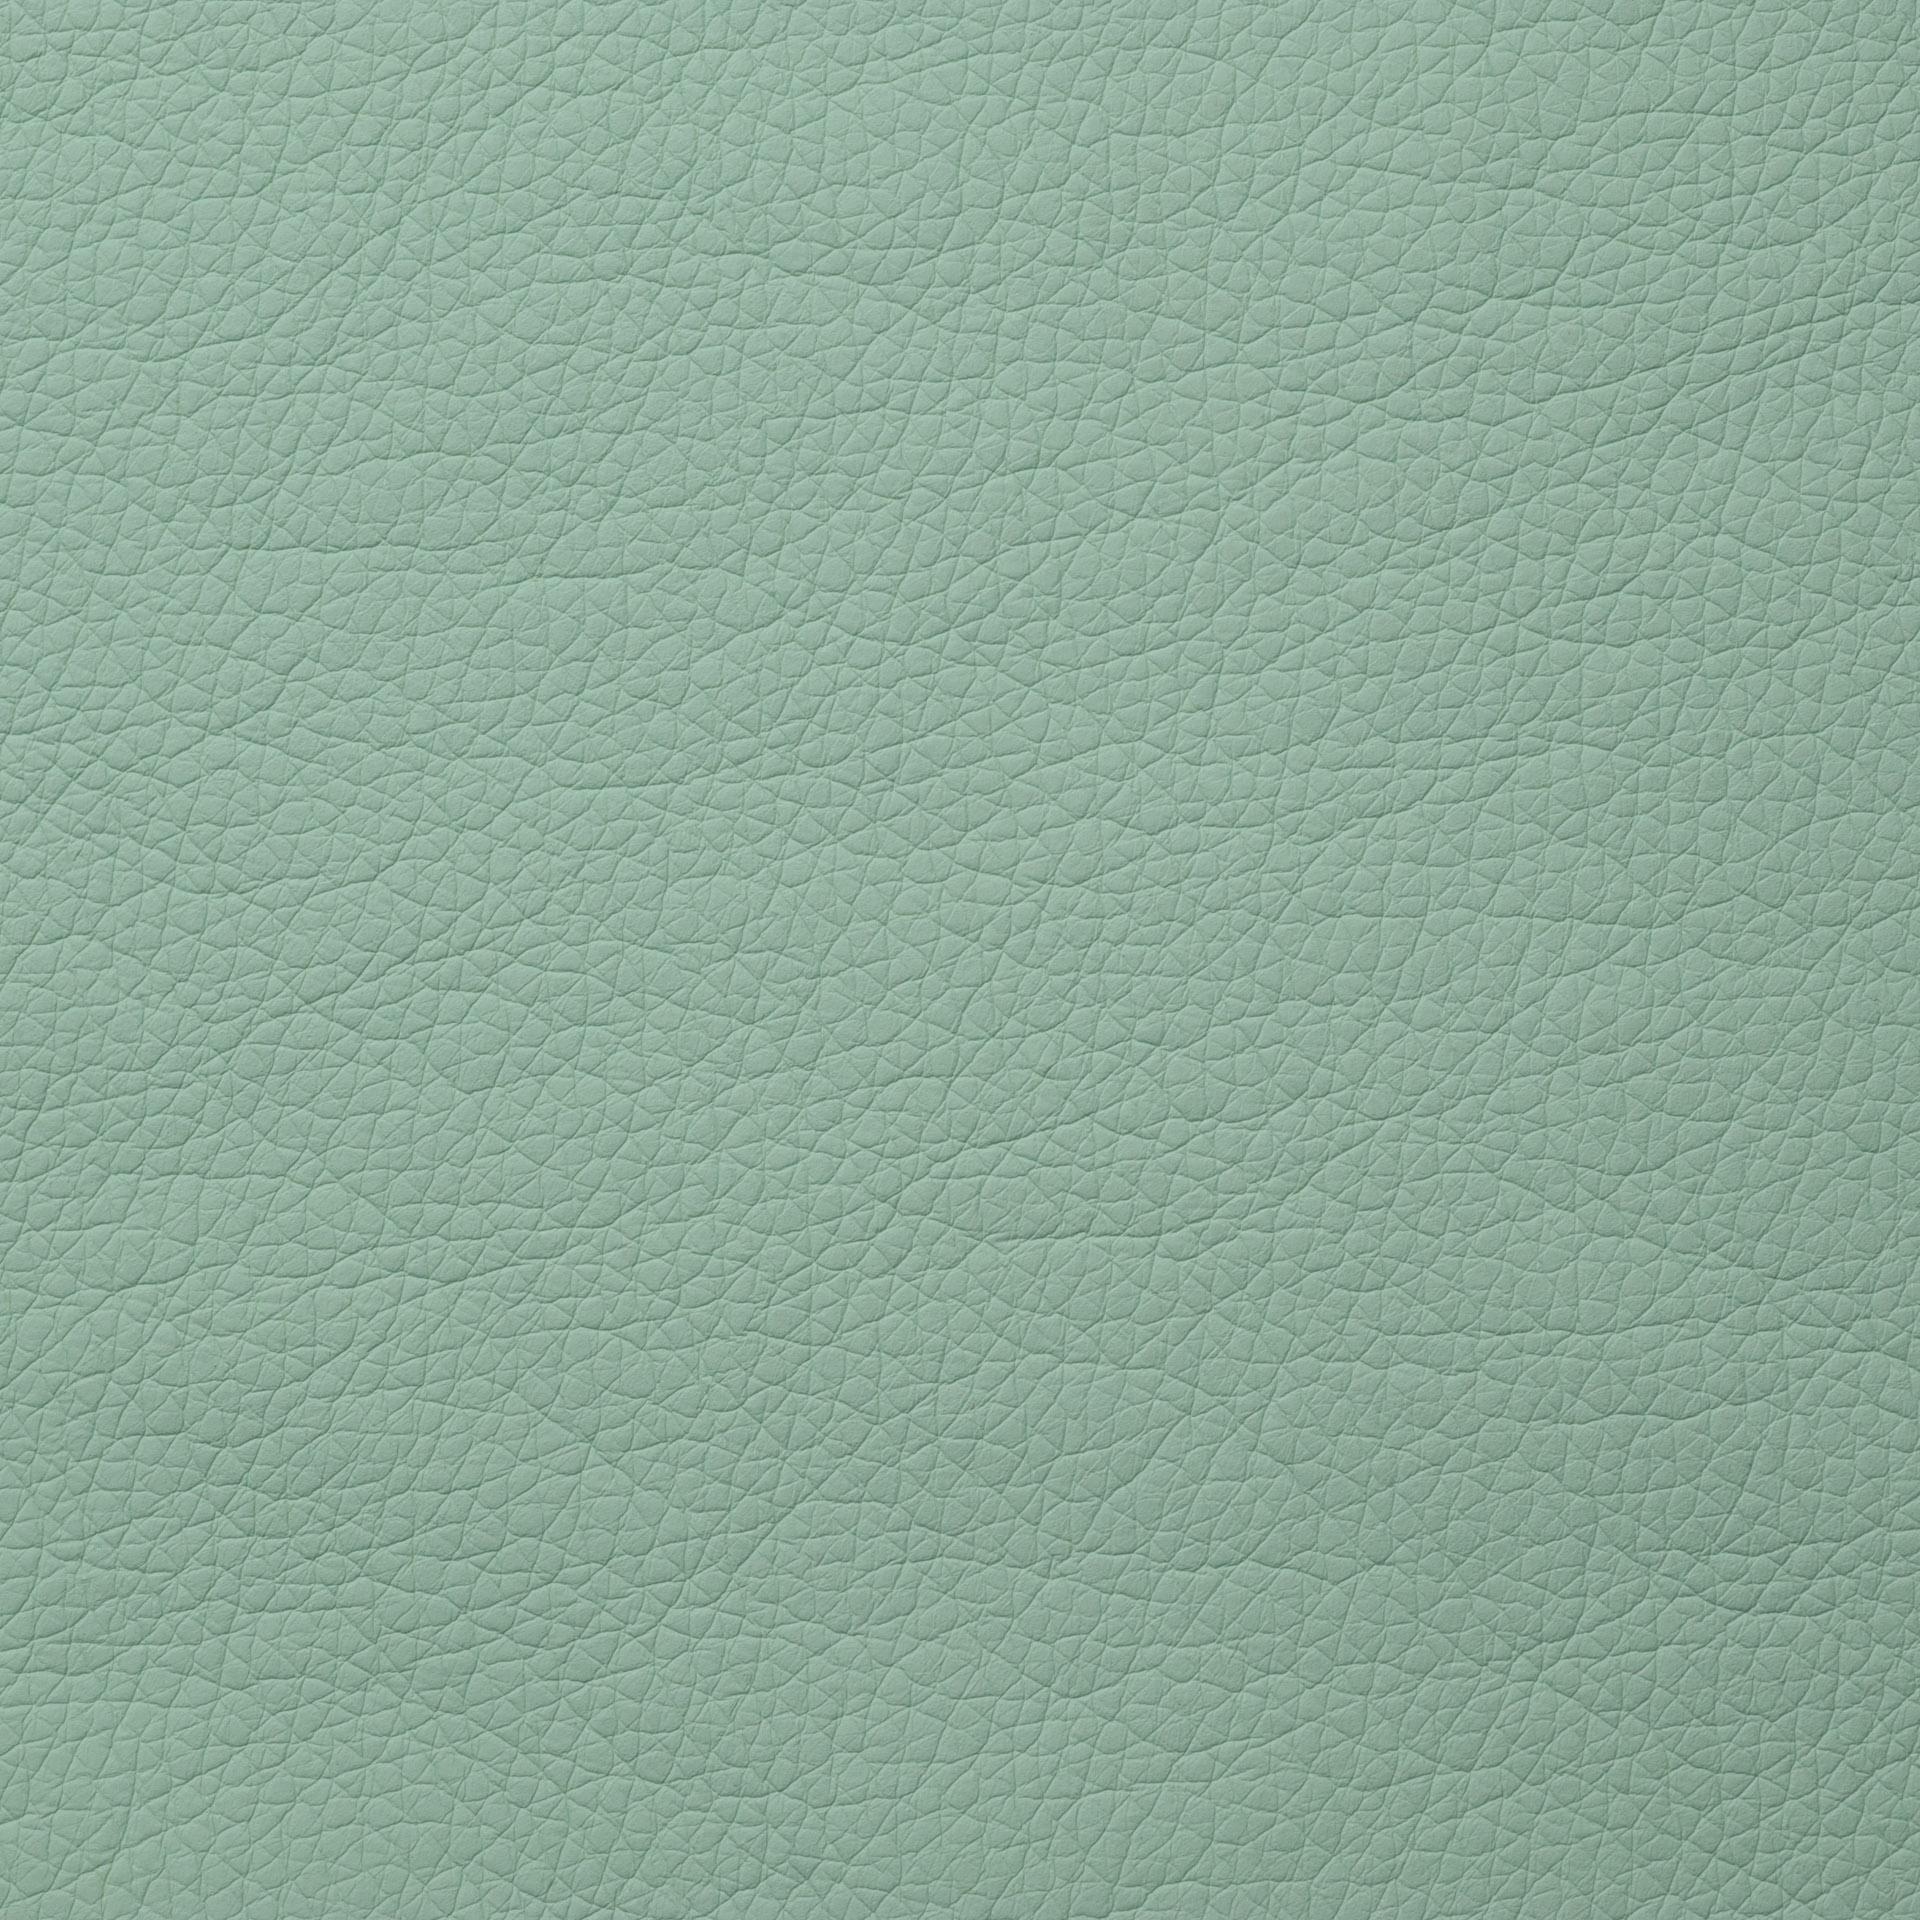 Коллекция ткани Флай 2228,  купить ткань Кож зам для мебели Украина